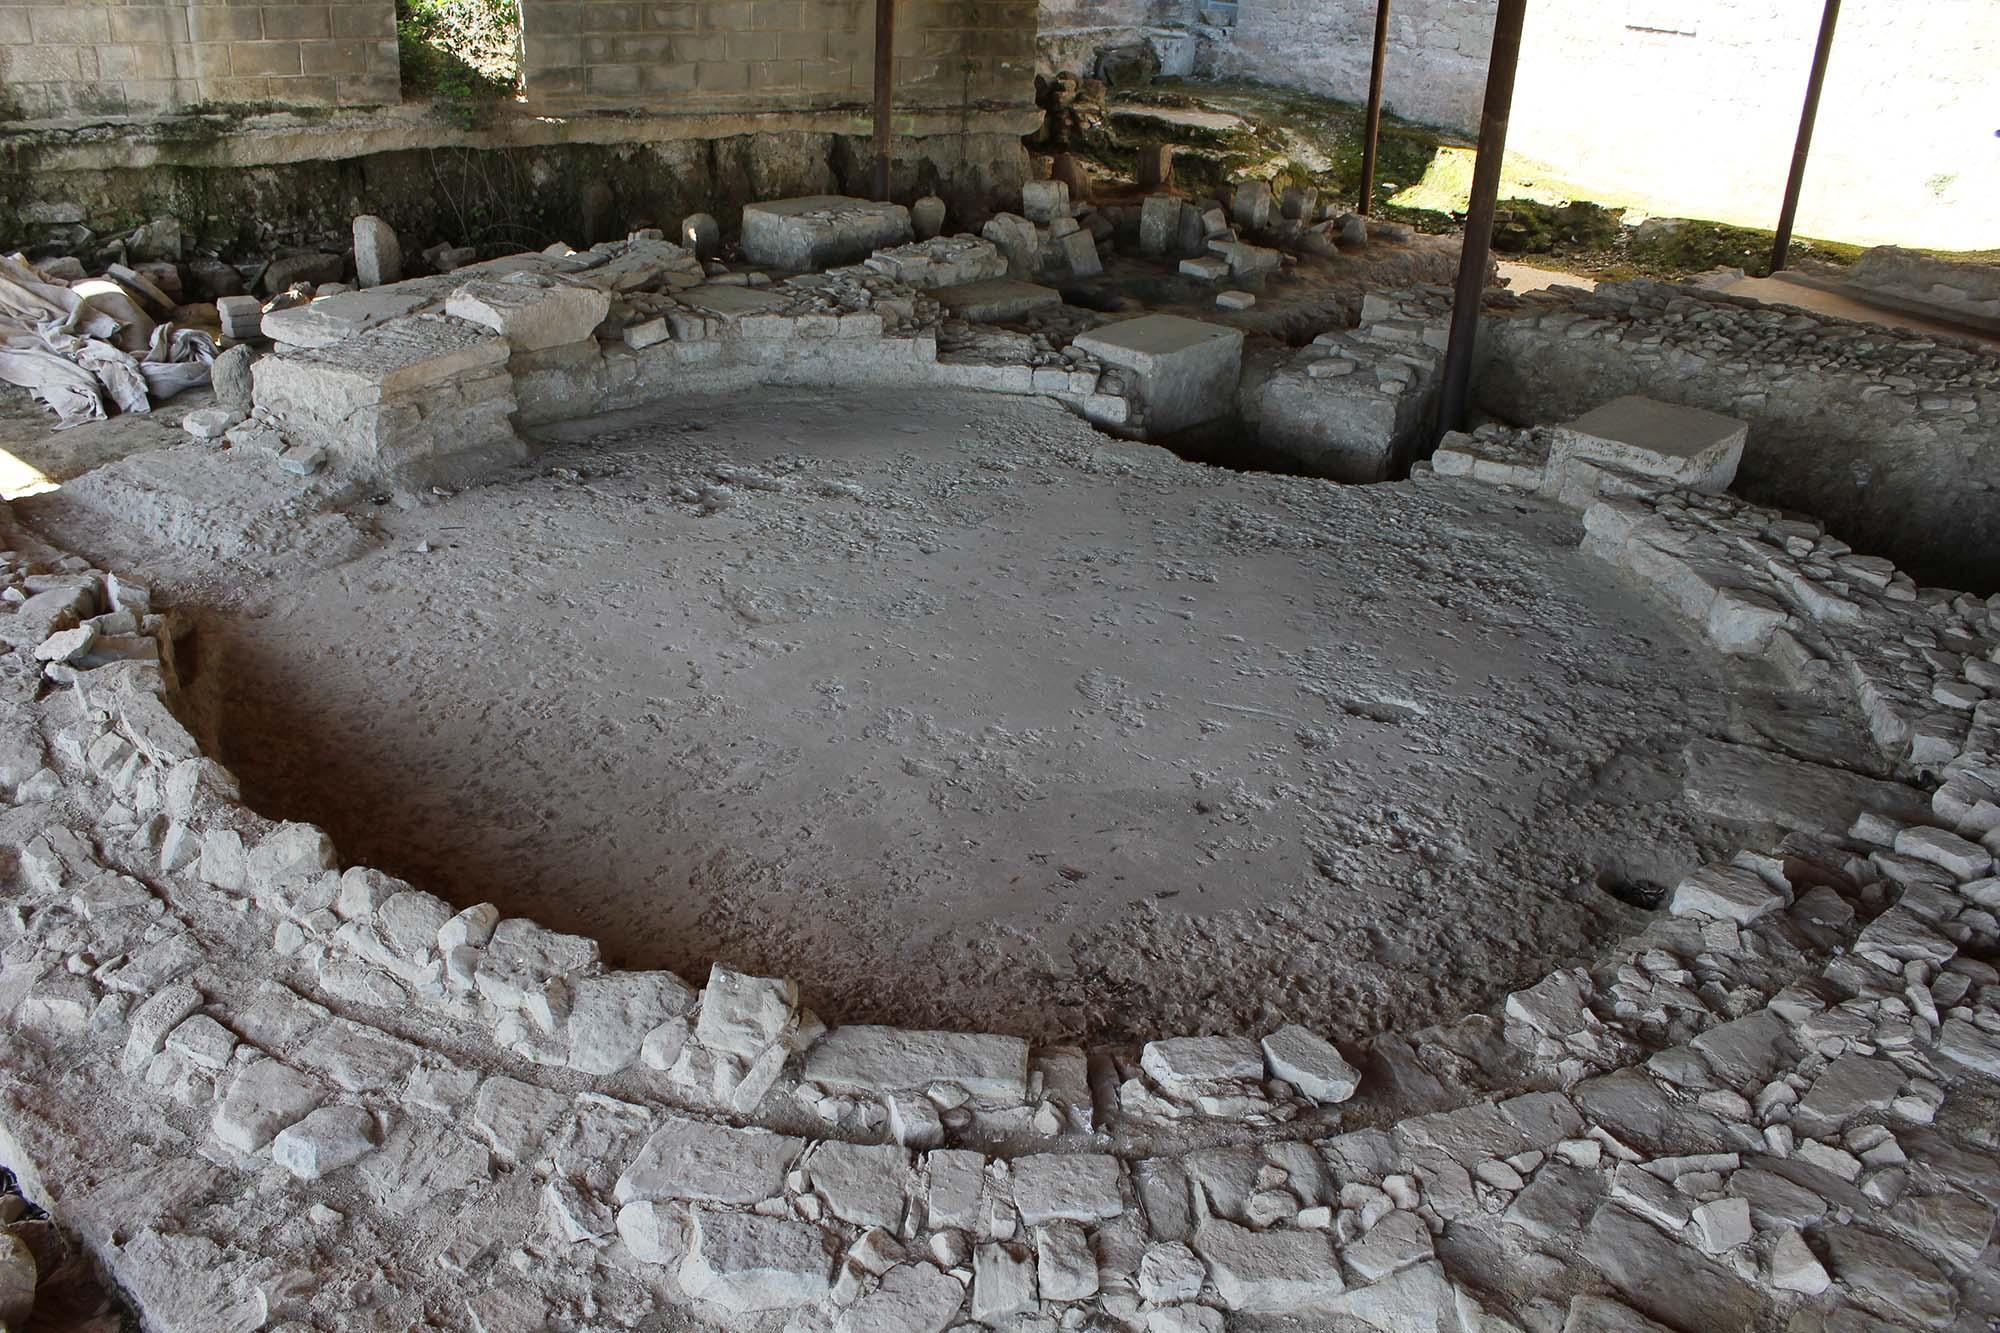 Yacimiento romano de Parc arqueològic Iesso